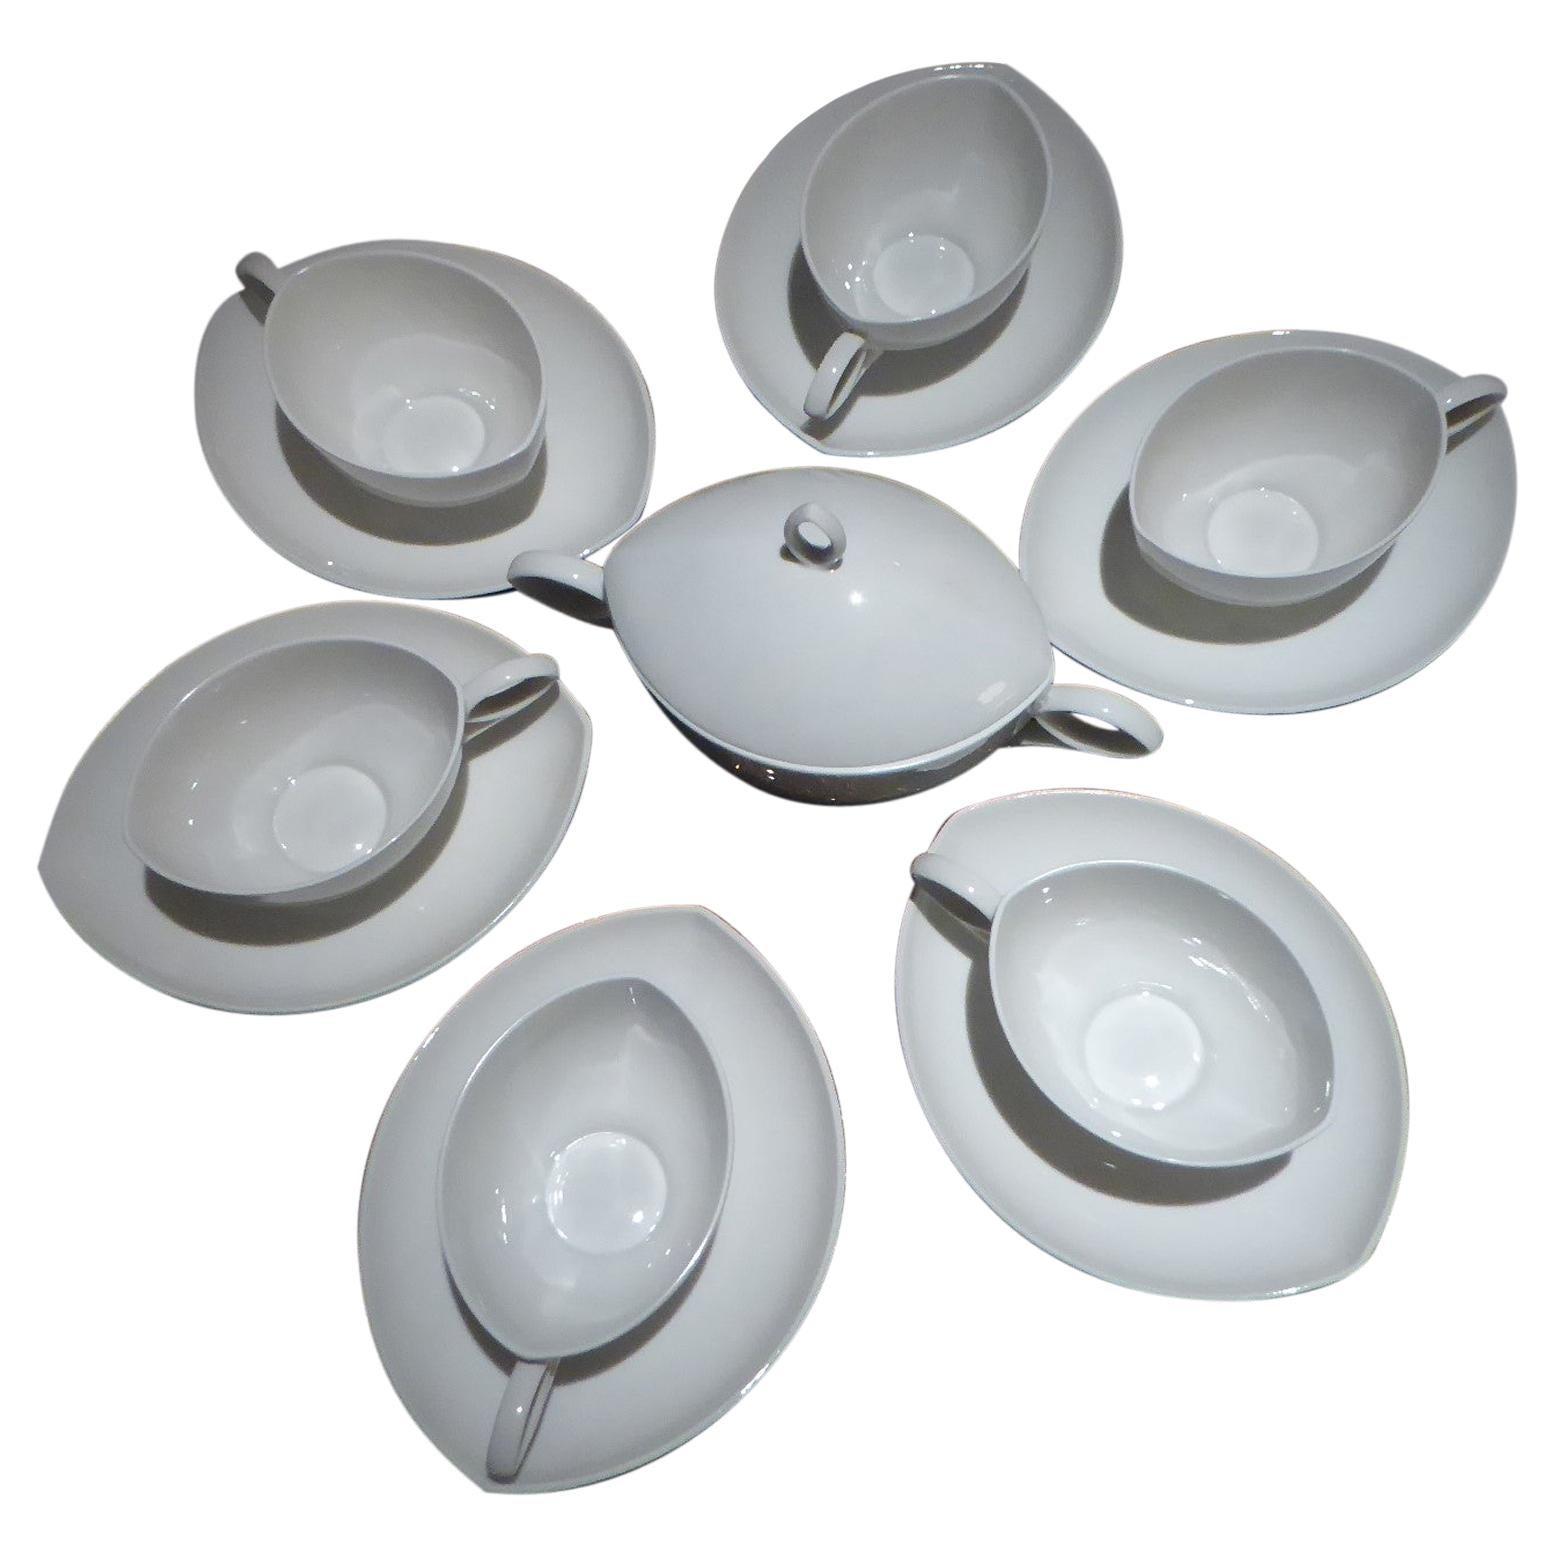 Deco Modern Rosenthal Oval Pattern by Rudolf Lunghard Espresso Moka Coffee Set